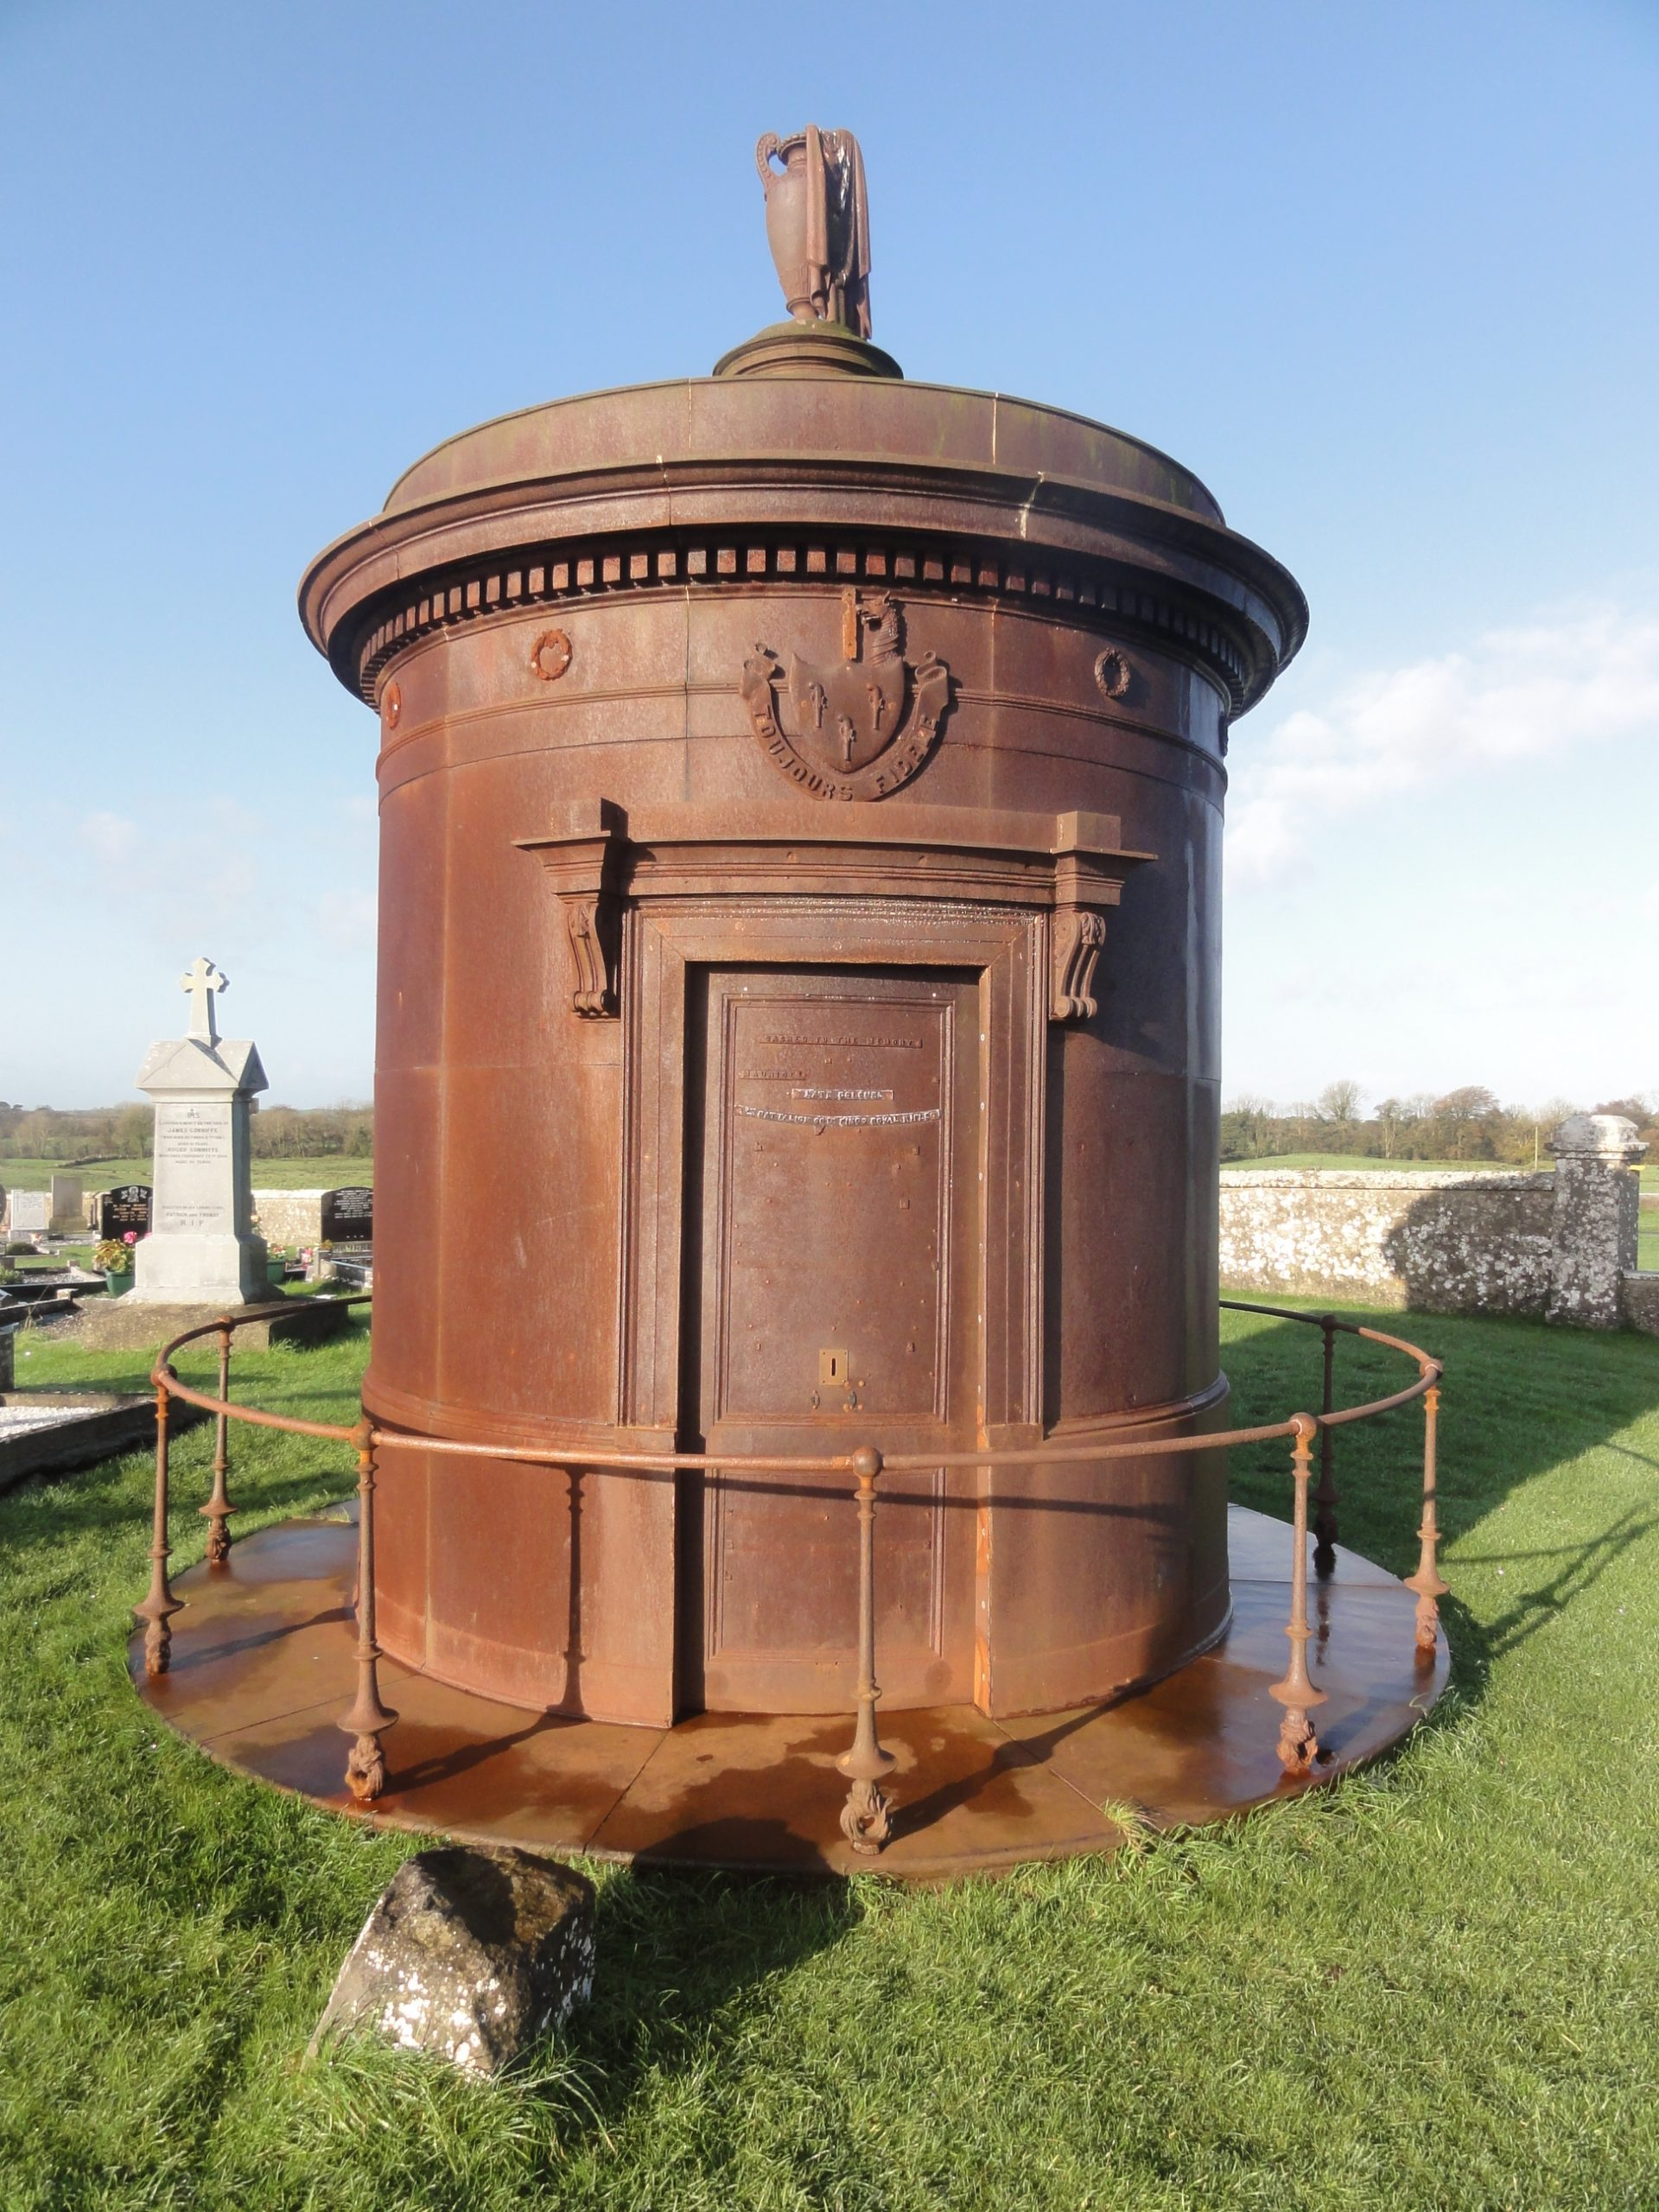 Dennis Mausoleum Clonbern Galway - Visit Galway